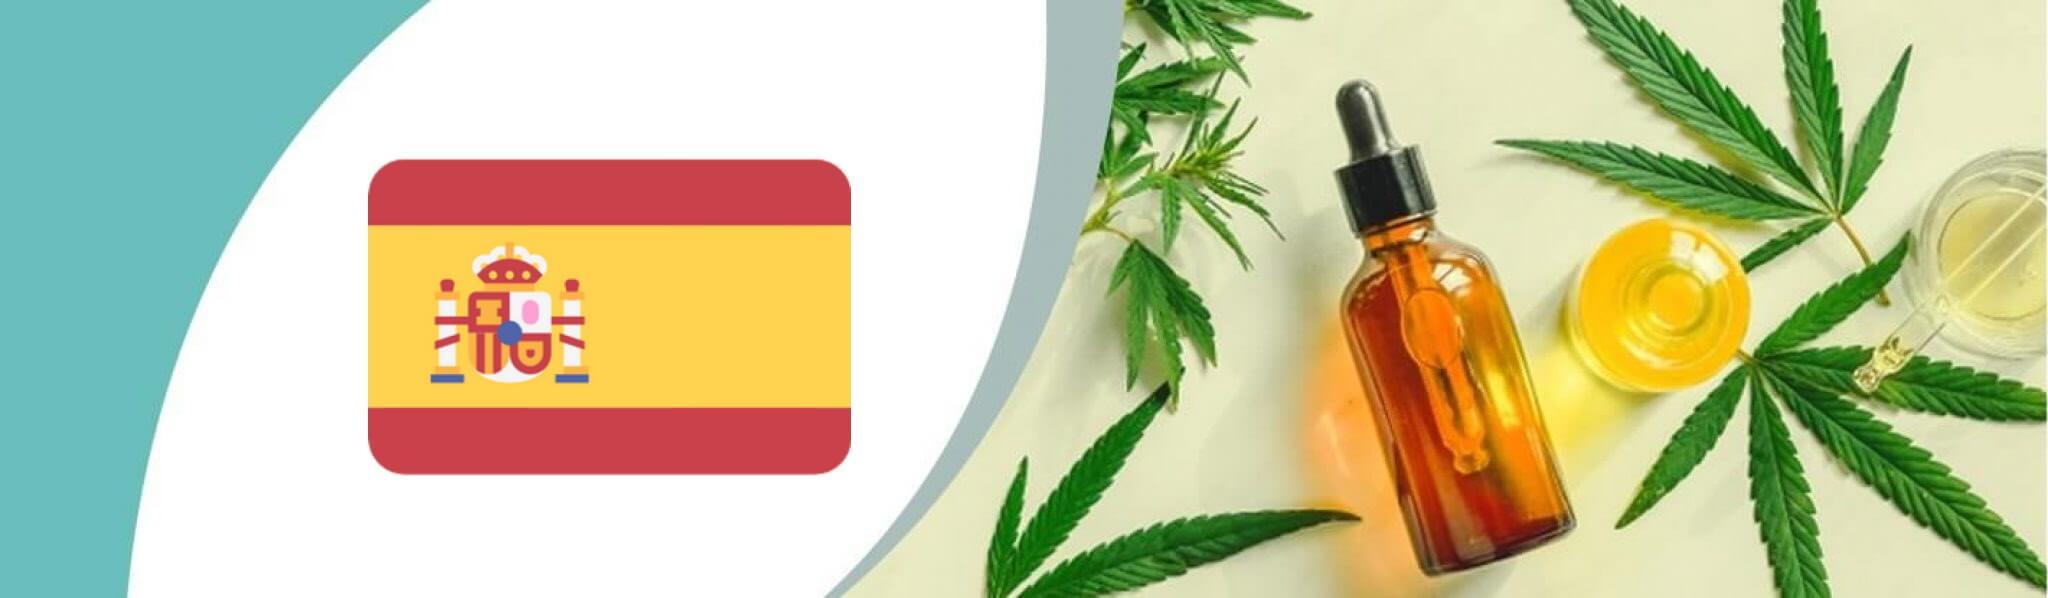 comprar-cbd-espana